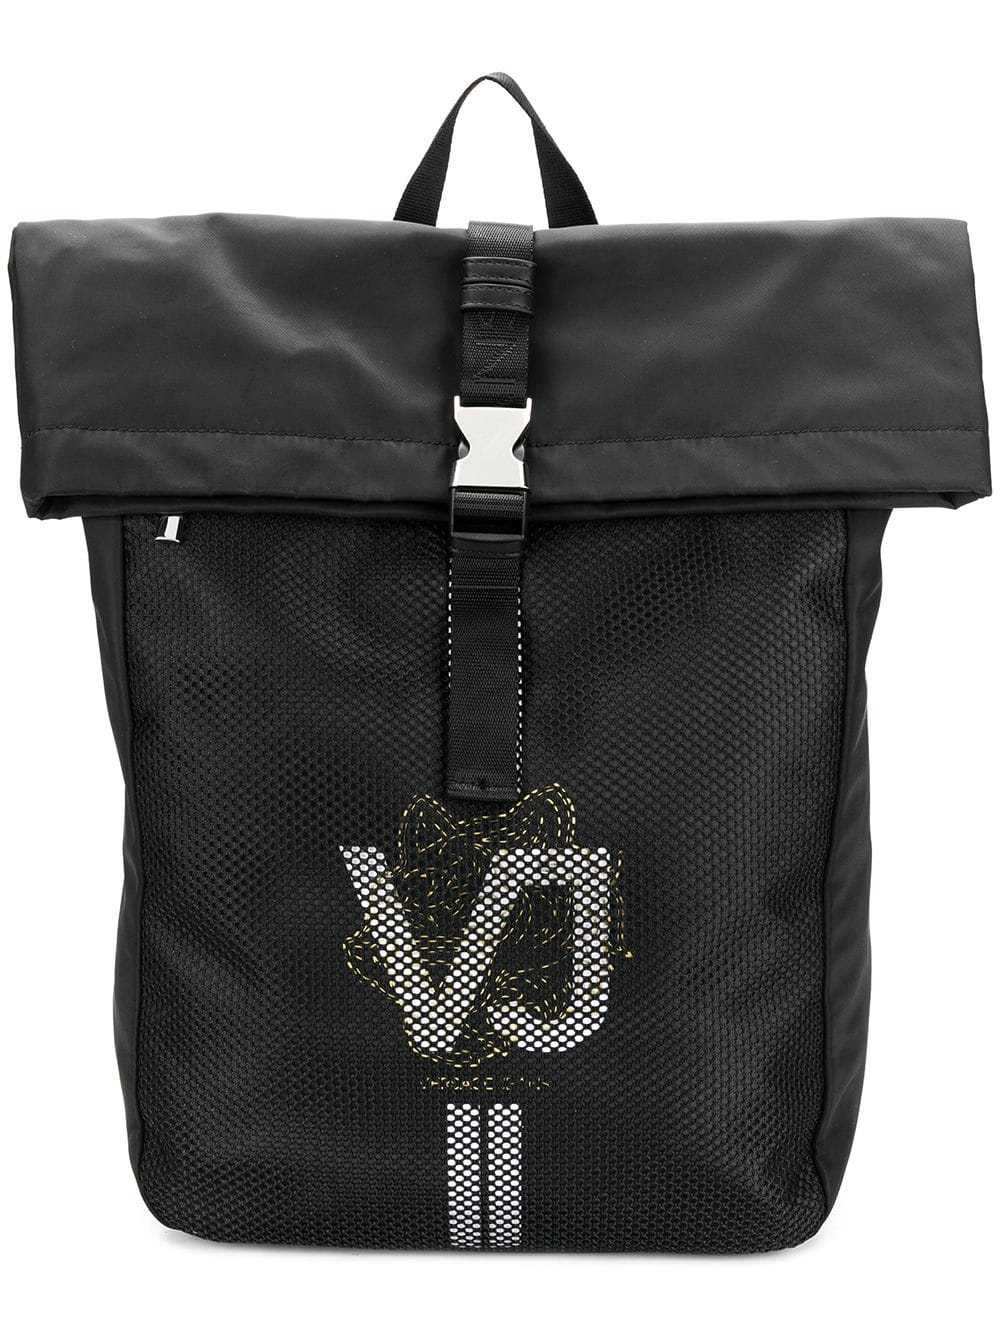 Versace Jeans Rucksack mit Logo-Print - Schwarz